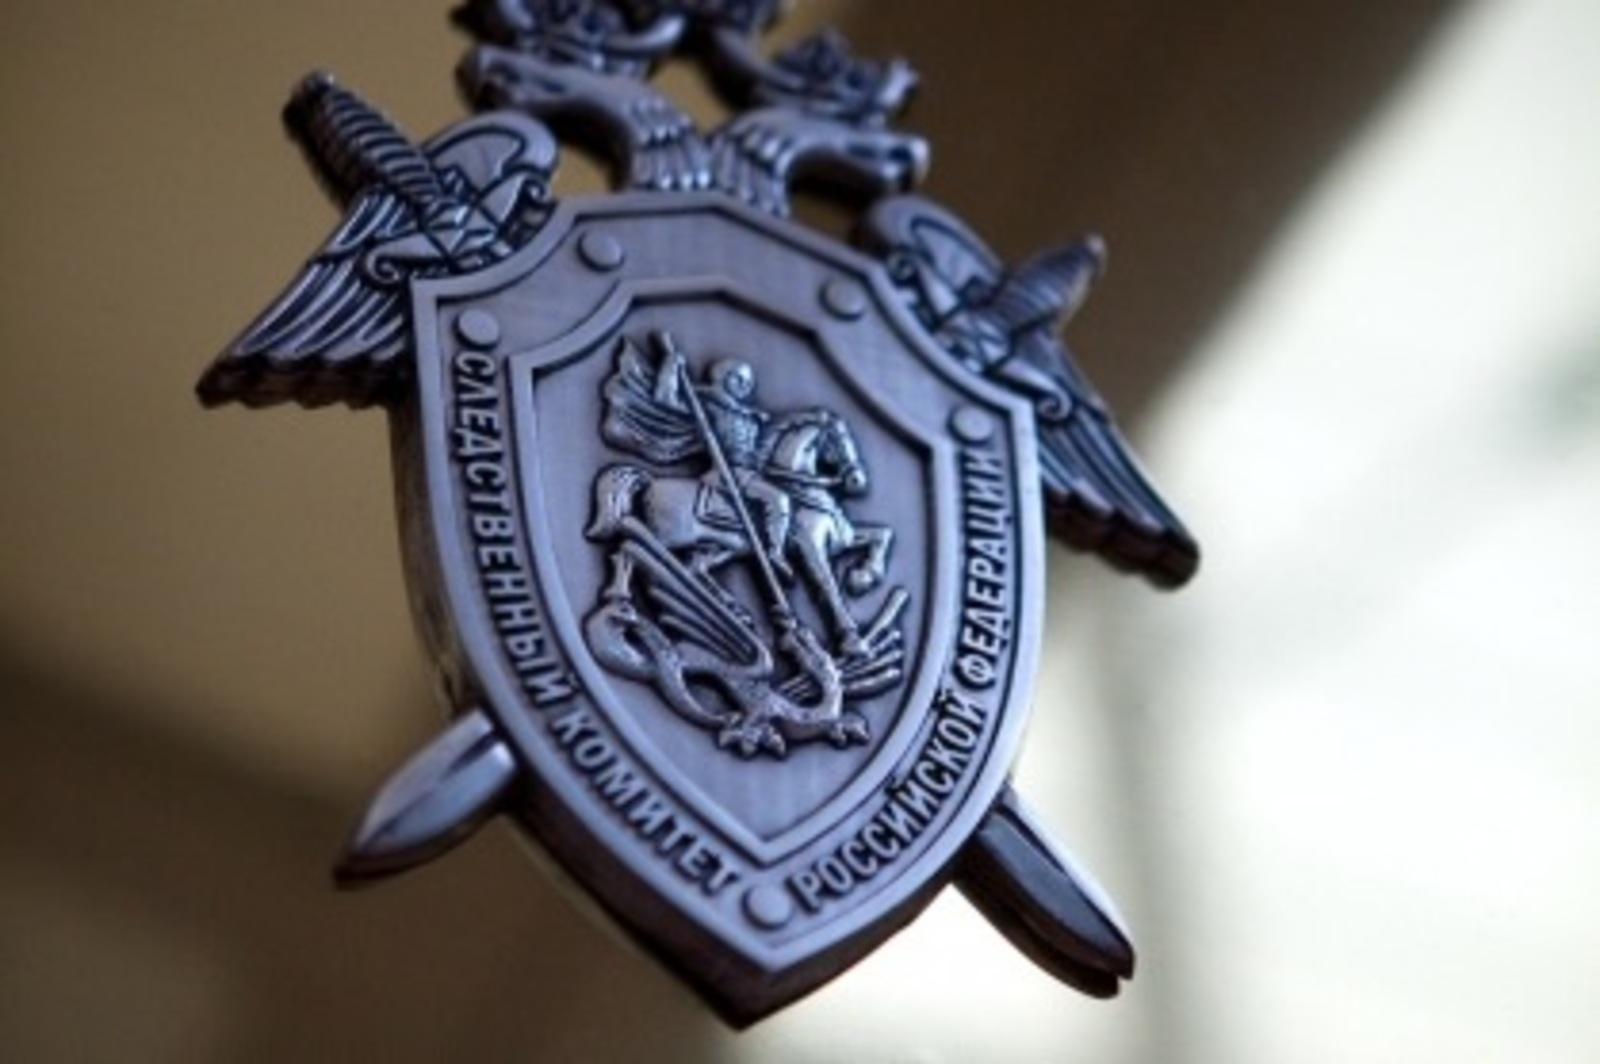 Девочка, которая пропала в Тверской области, найдена живой